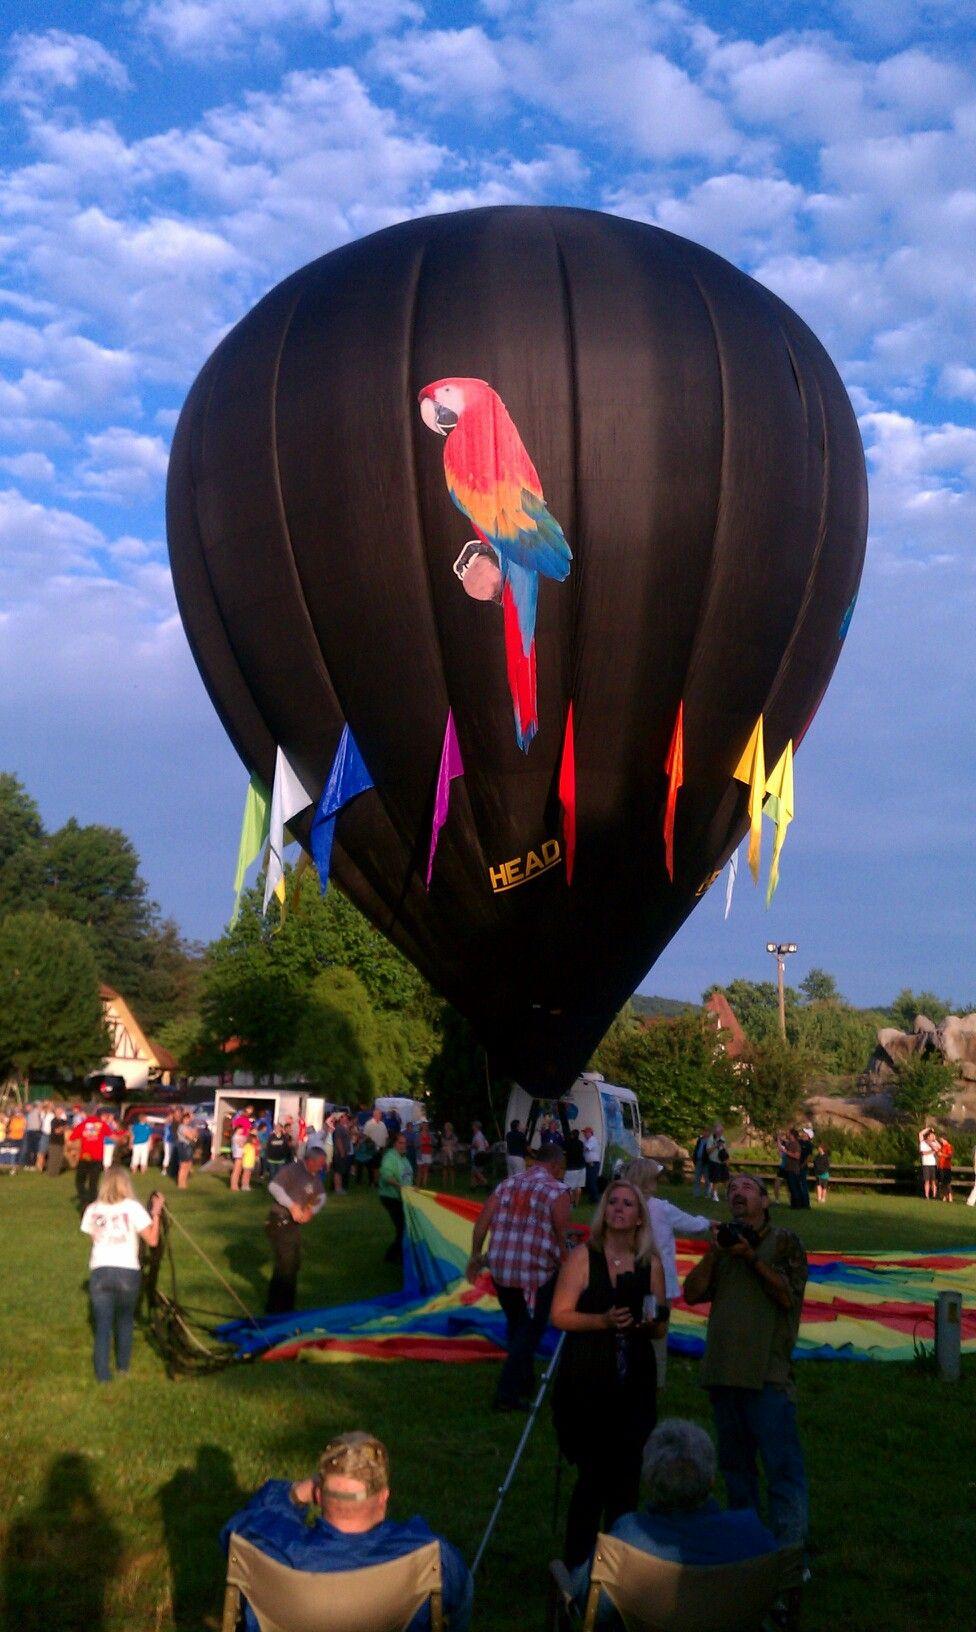 Helen, GA (With images) Hot air ballon, Balloon race